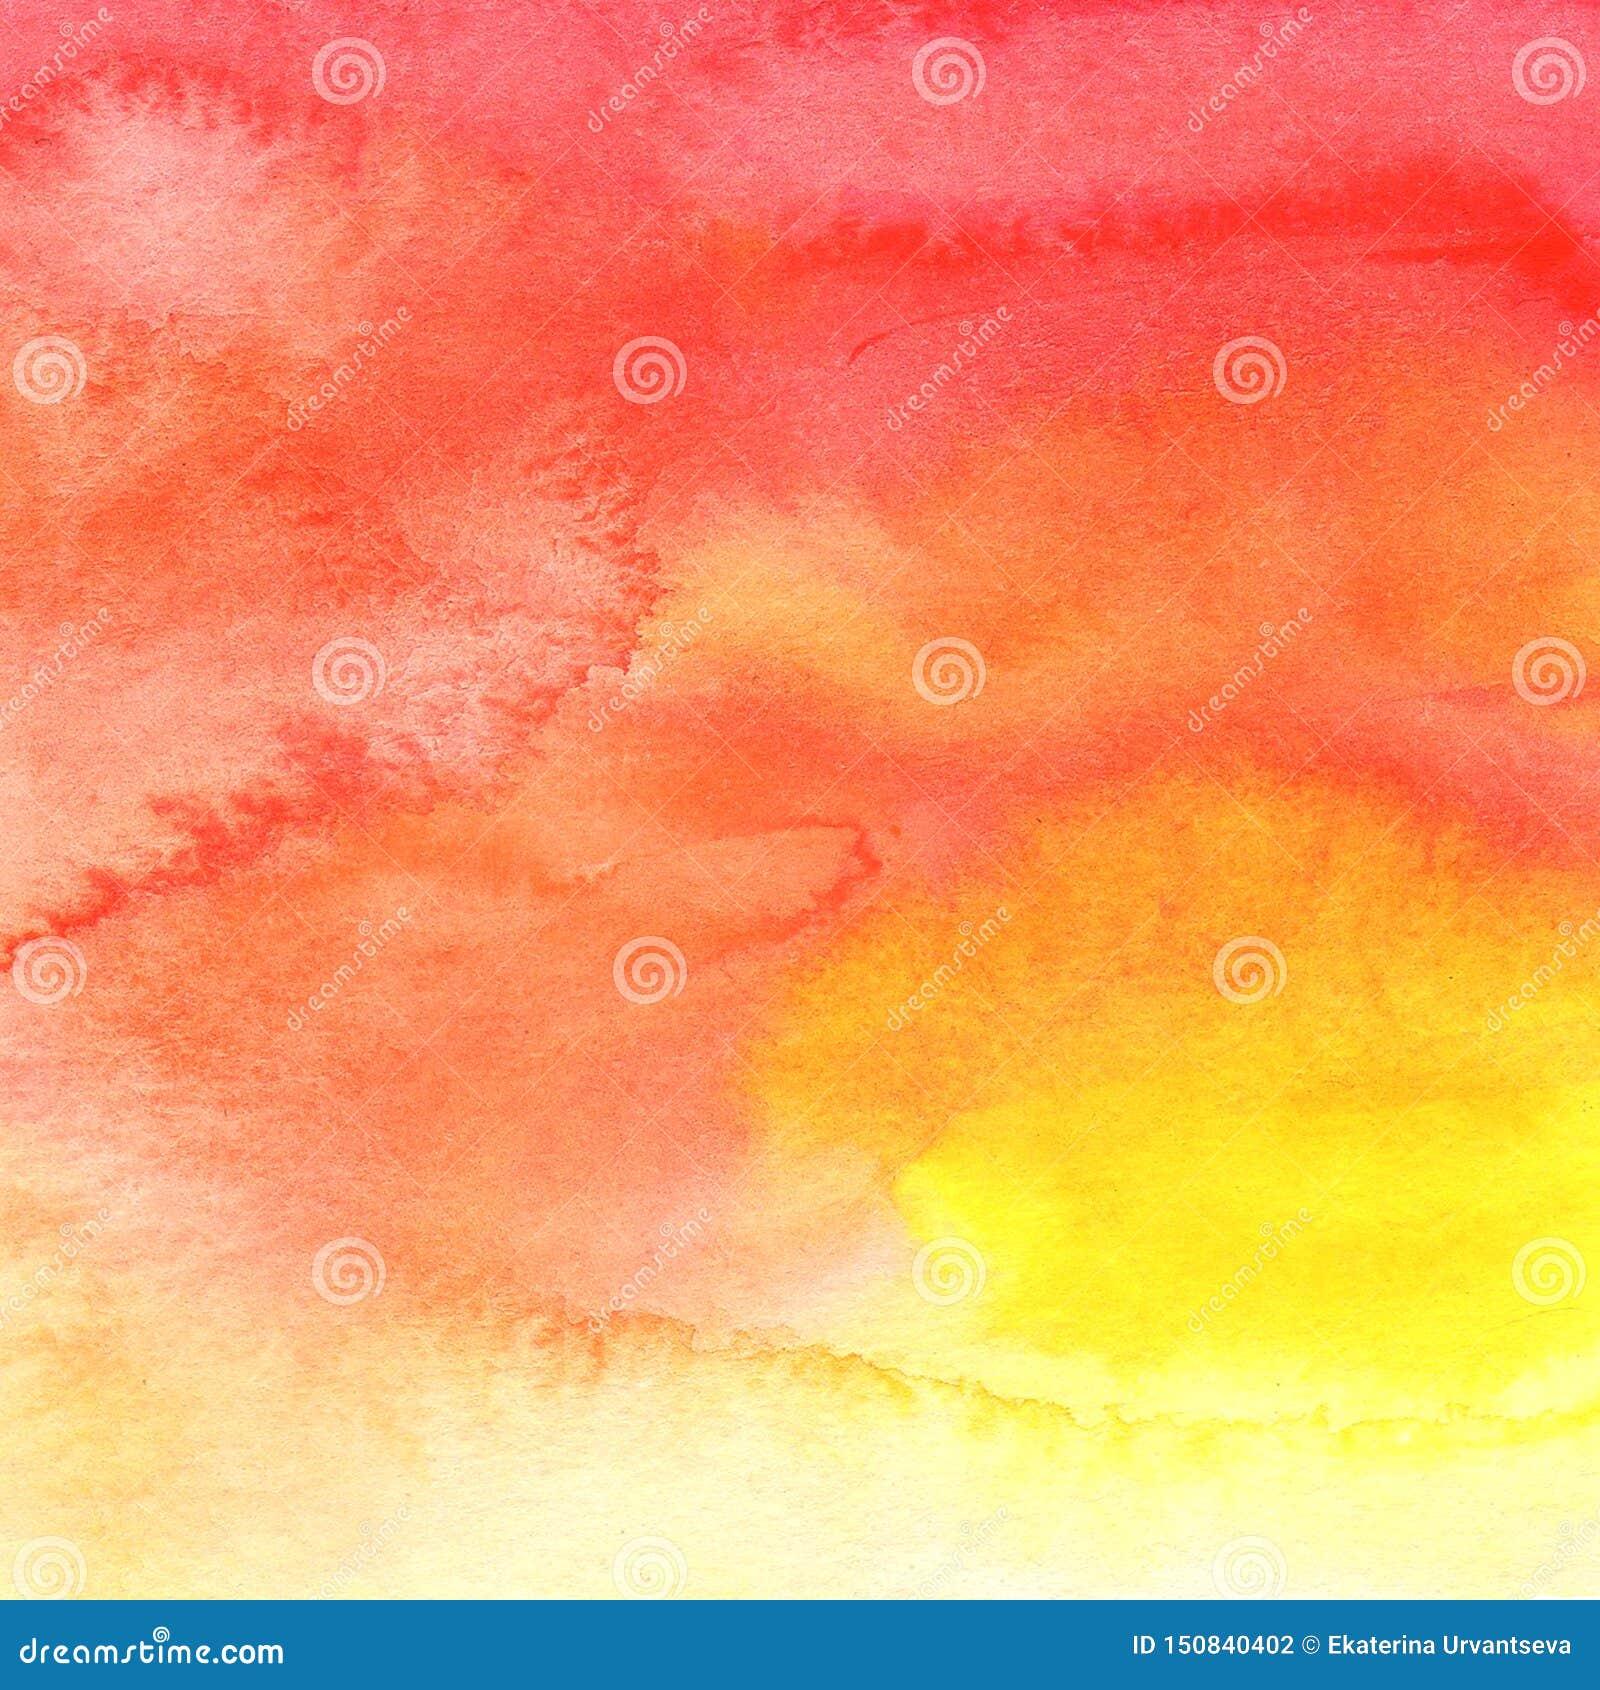 Gelb-orangee rote korallenrote Farbe des Zusammenfassungshintergrundes